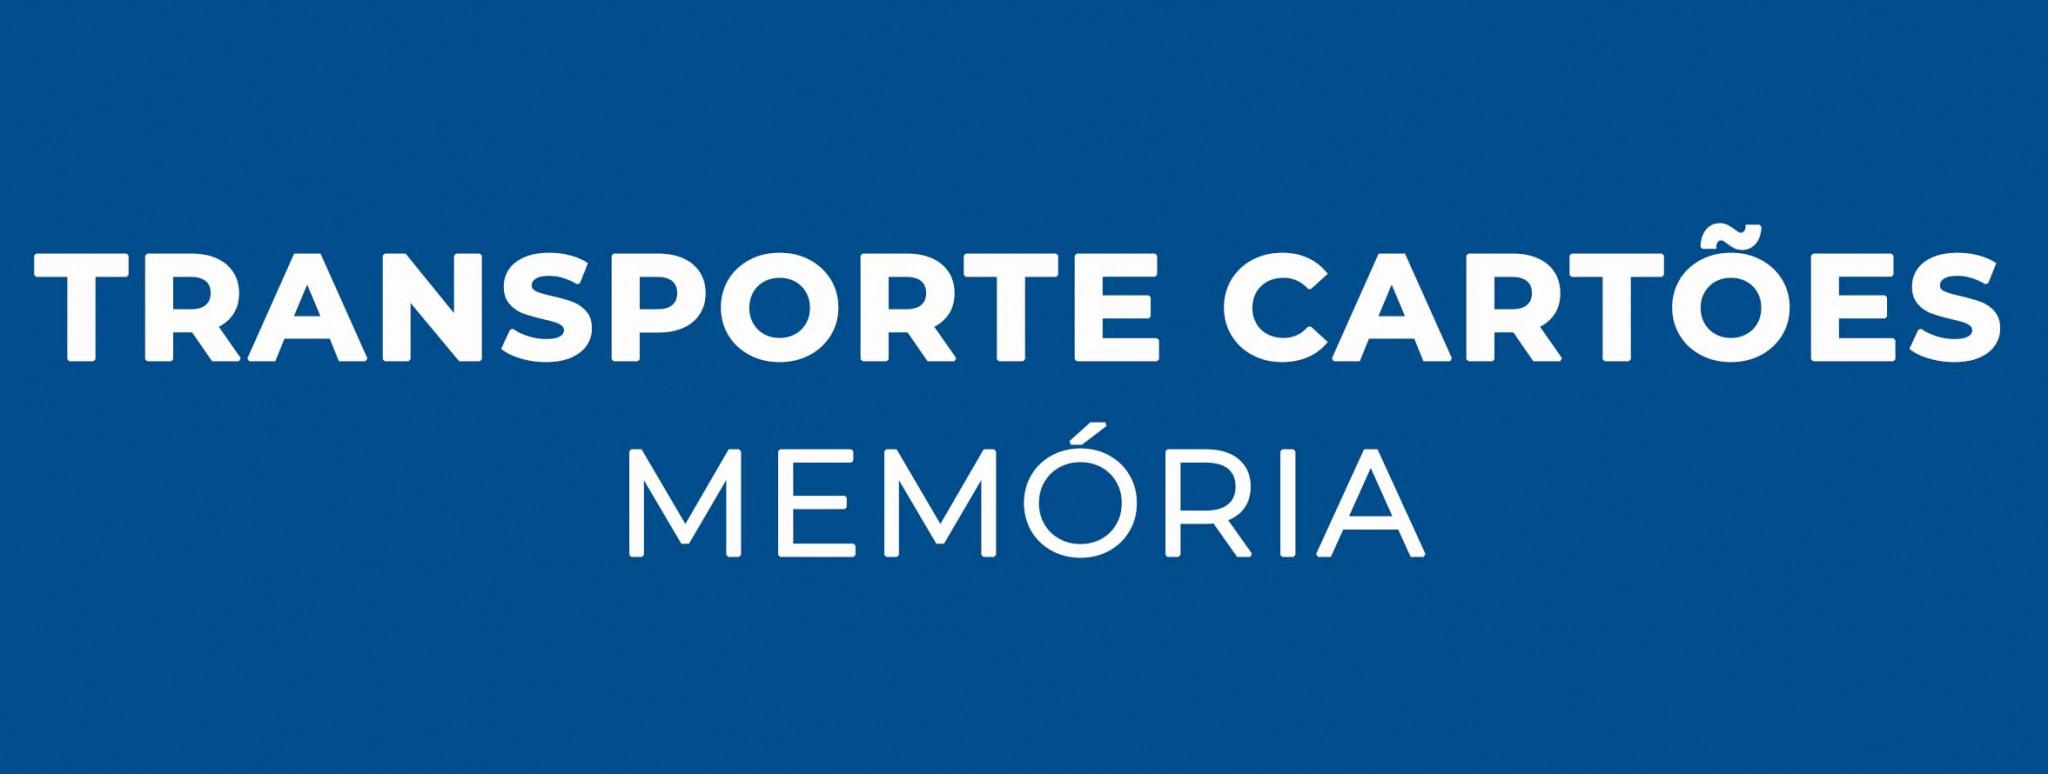 Transporte Cartões Memória